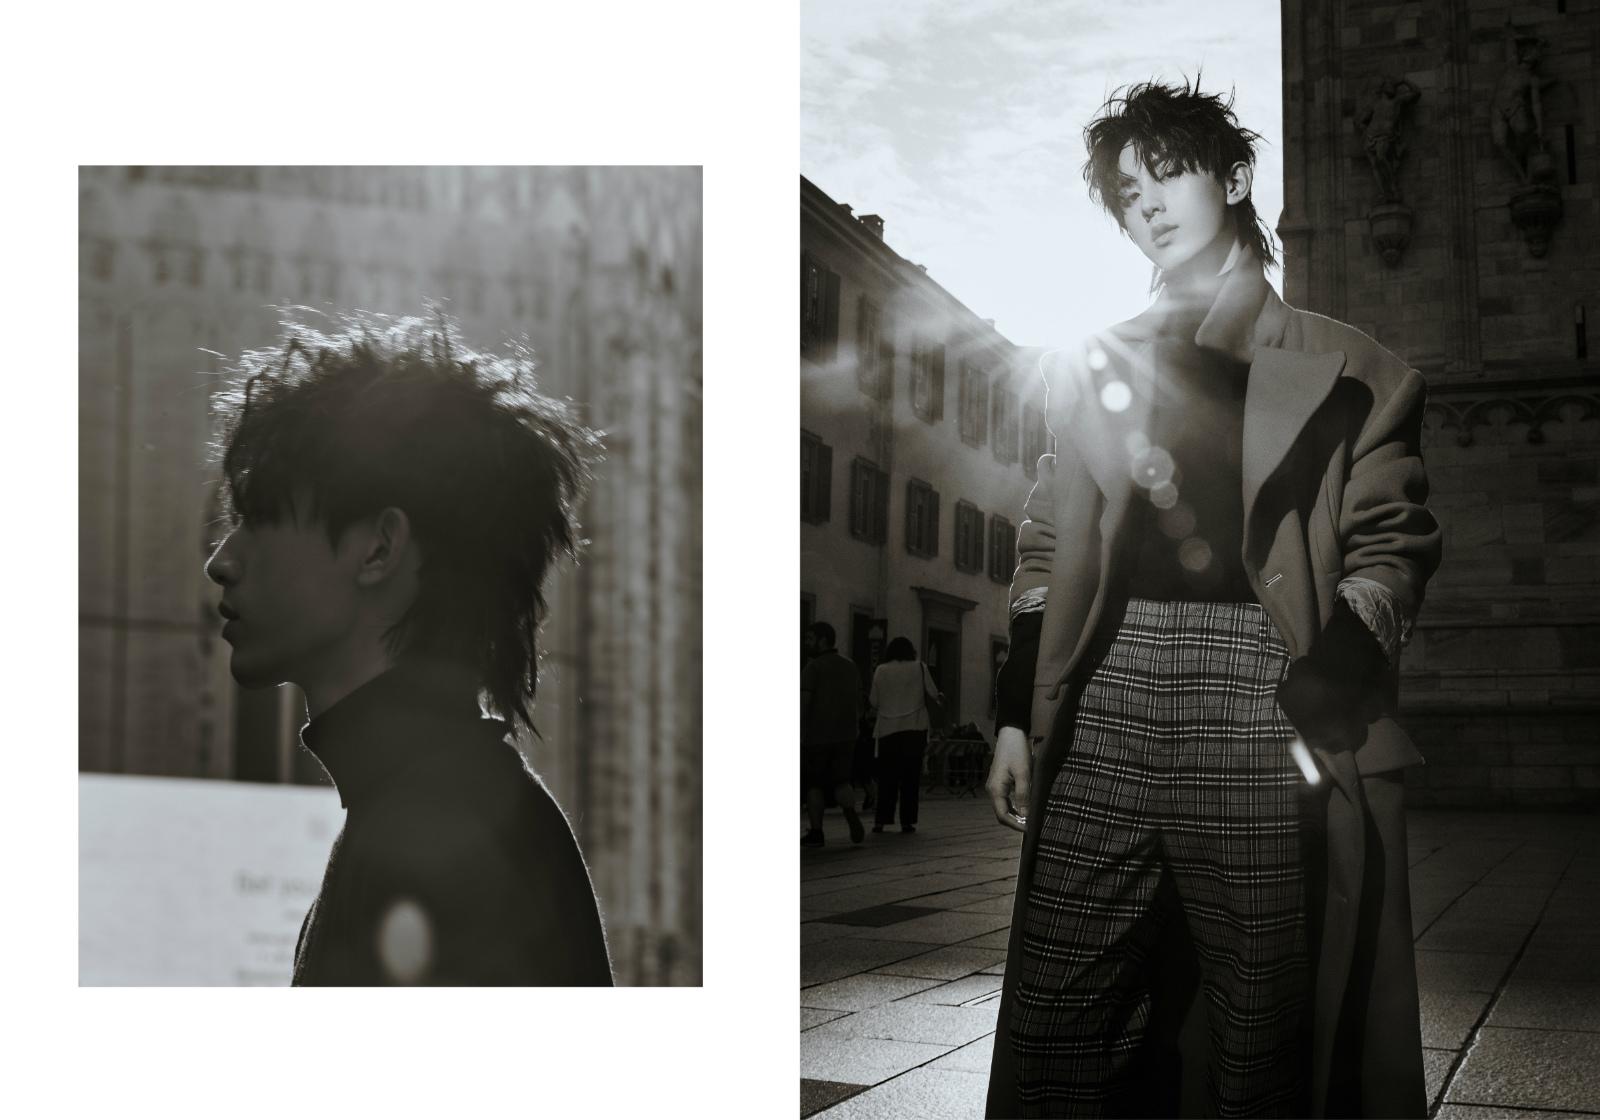 郭俊辰生日寫真驚豔曝光  黑白高級質感演繹别樣少年魅力